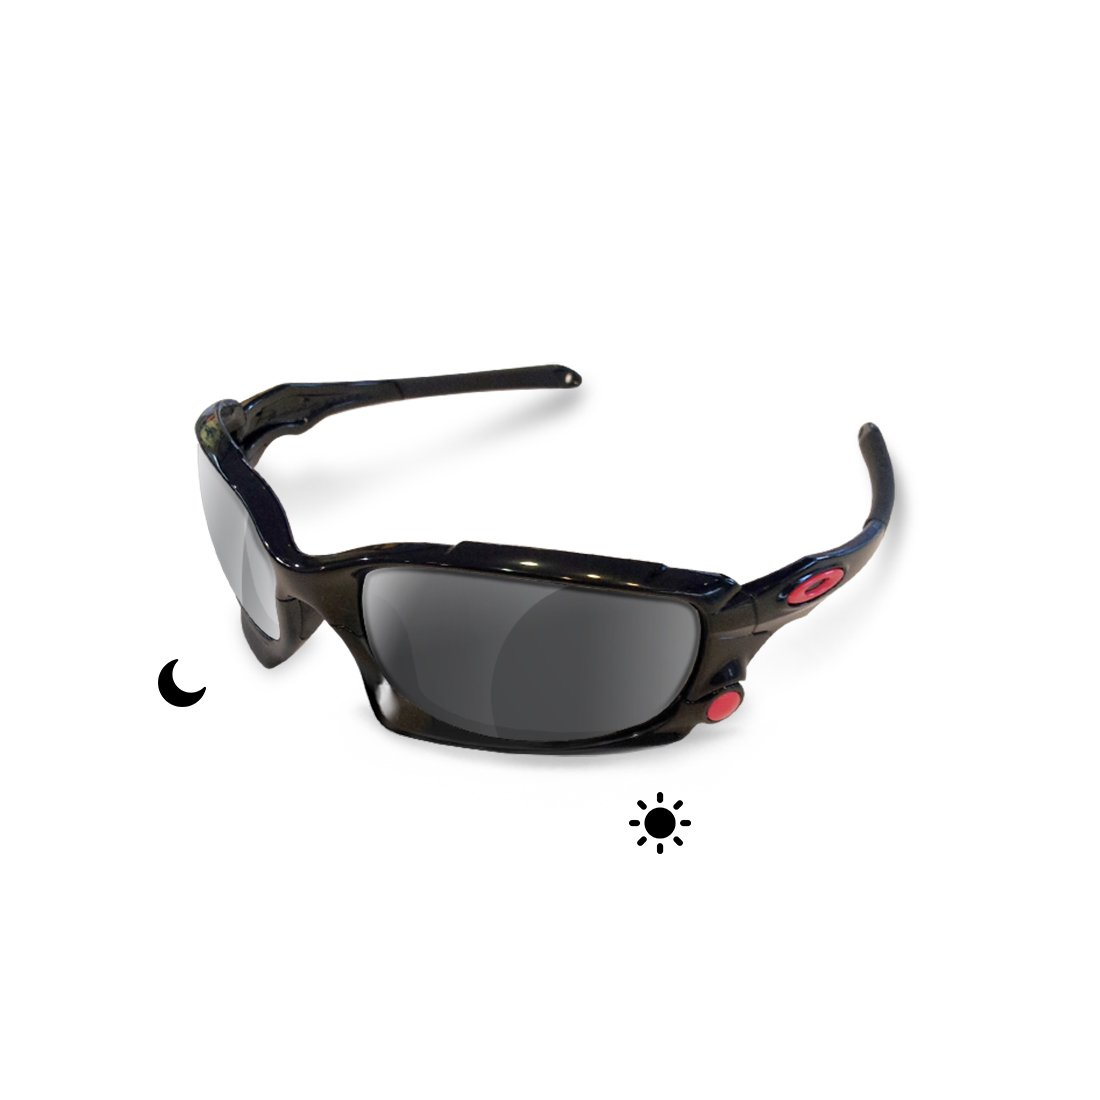 sunglasses restorer Premium Lentes Fotocromáticas Grises de Recambio para Oakley Split Jacket: Amazon.es: Ropa y accesorios